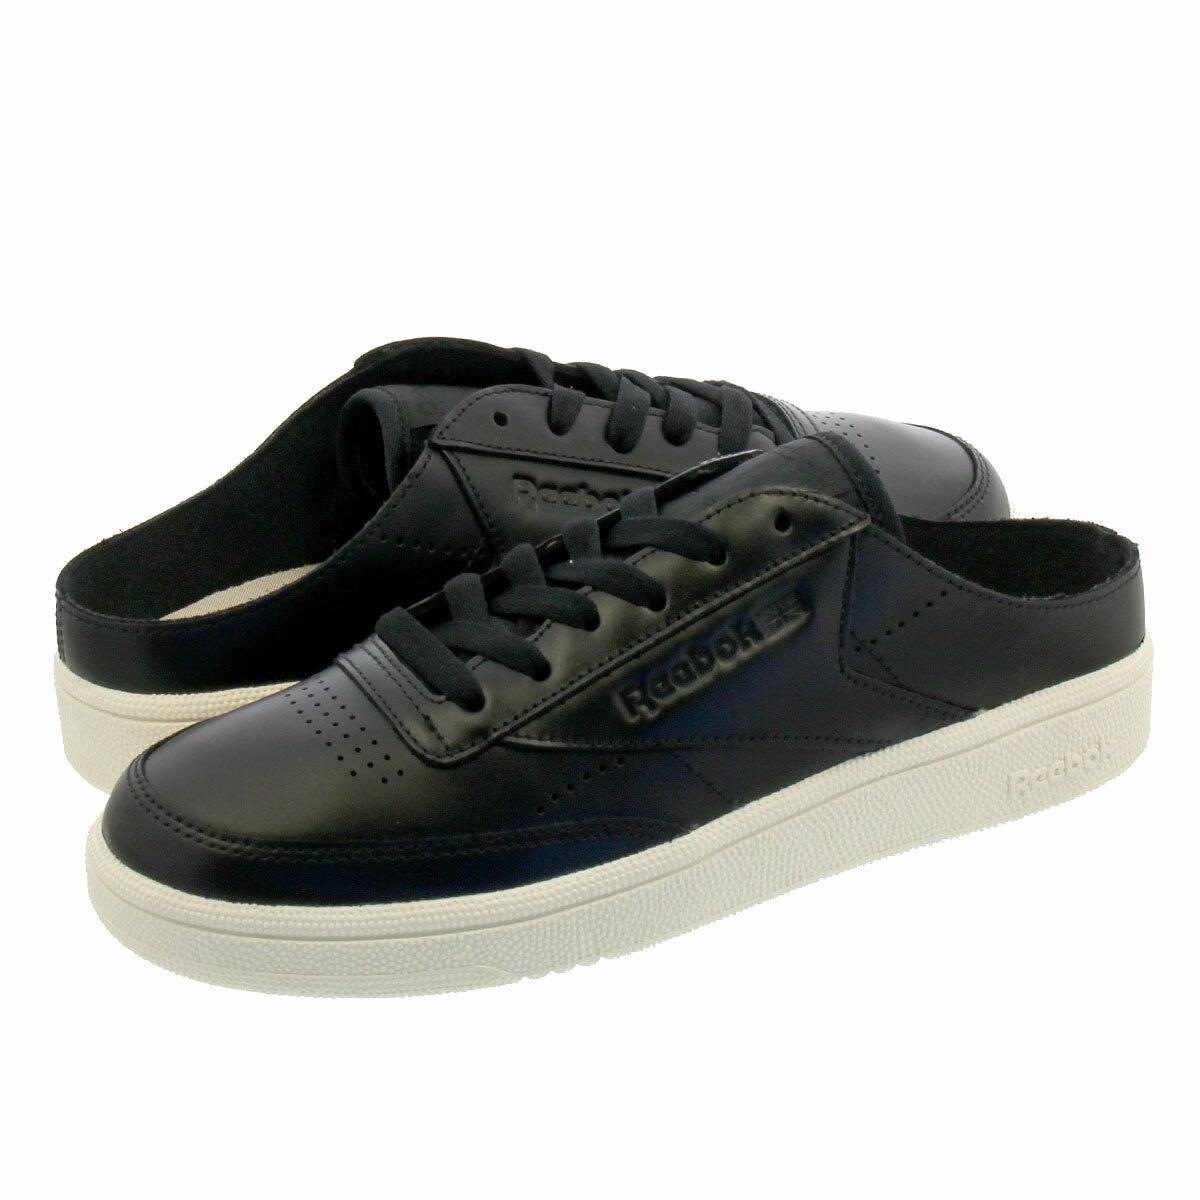 レディース靴, スニーカー  Reebok CLUB C 85 MULE C 85 BLACKCHALKPEBBLE cn7805